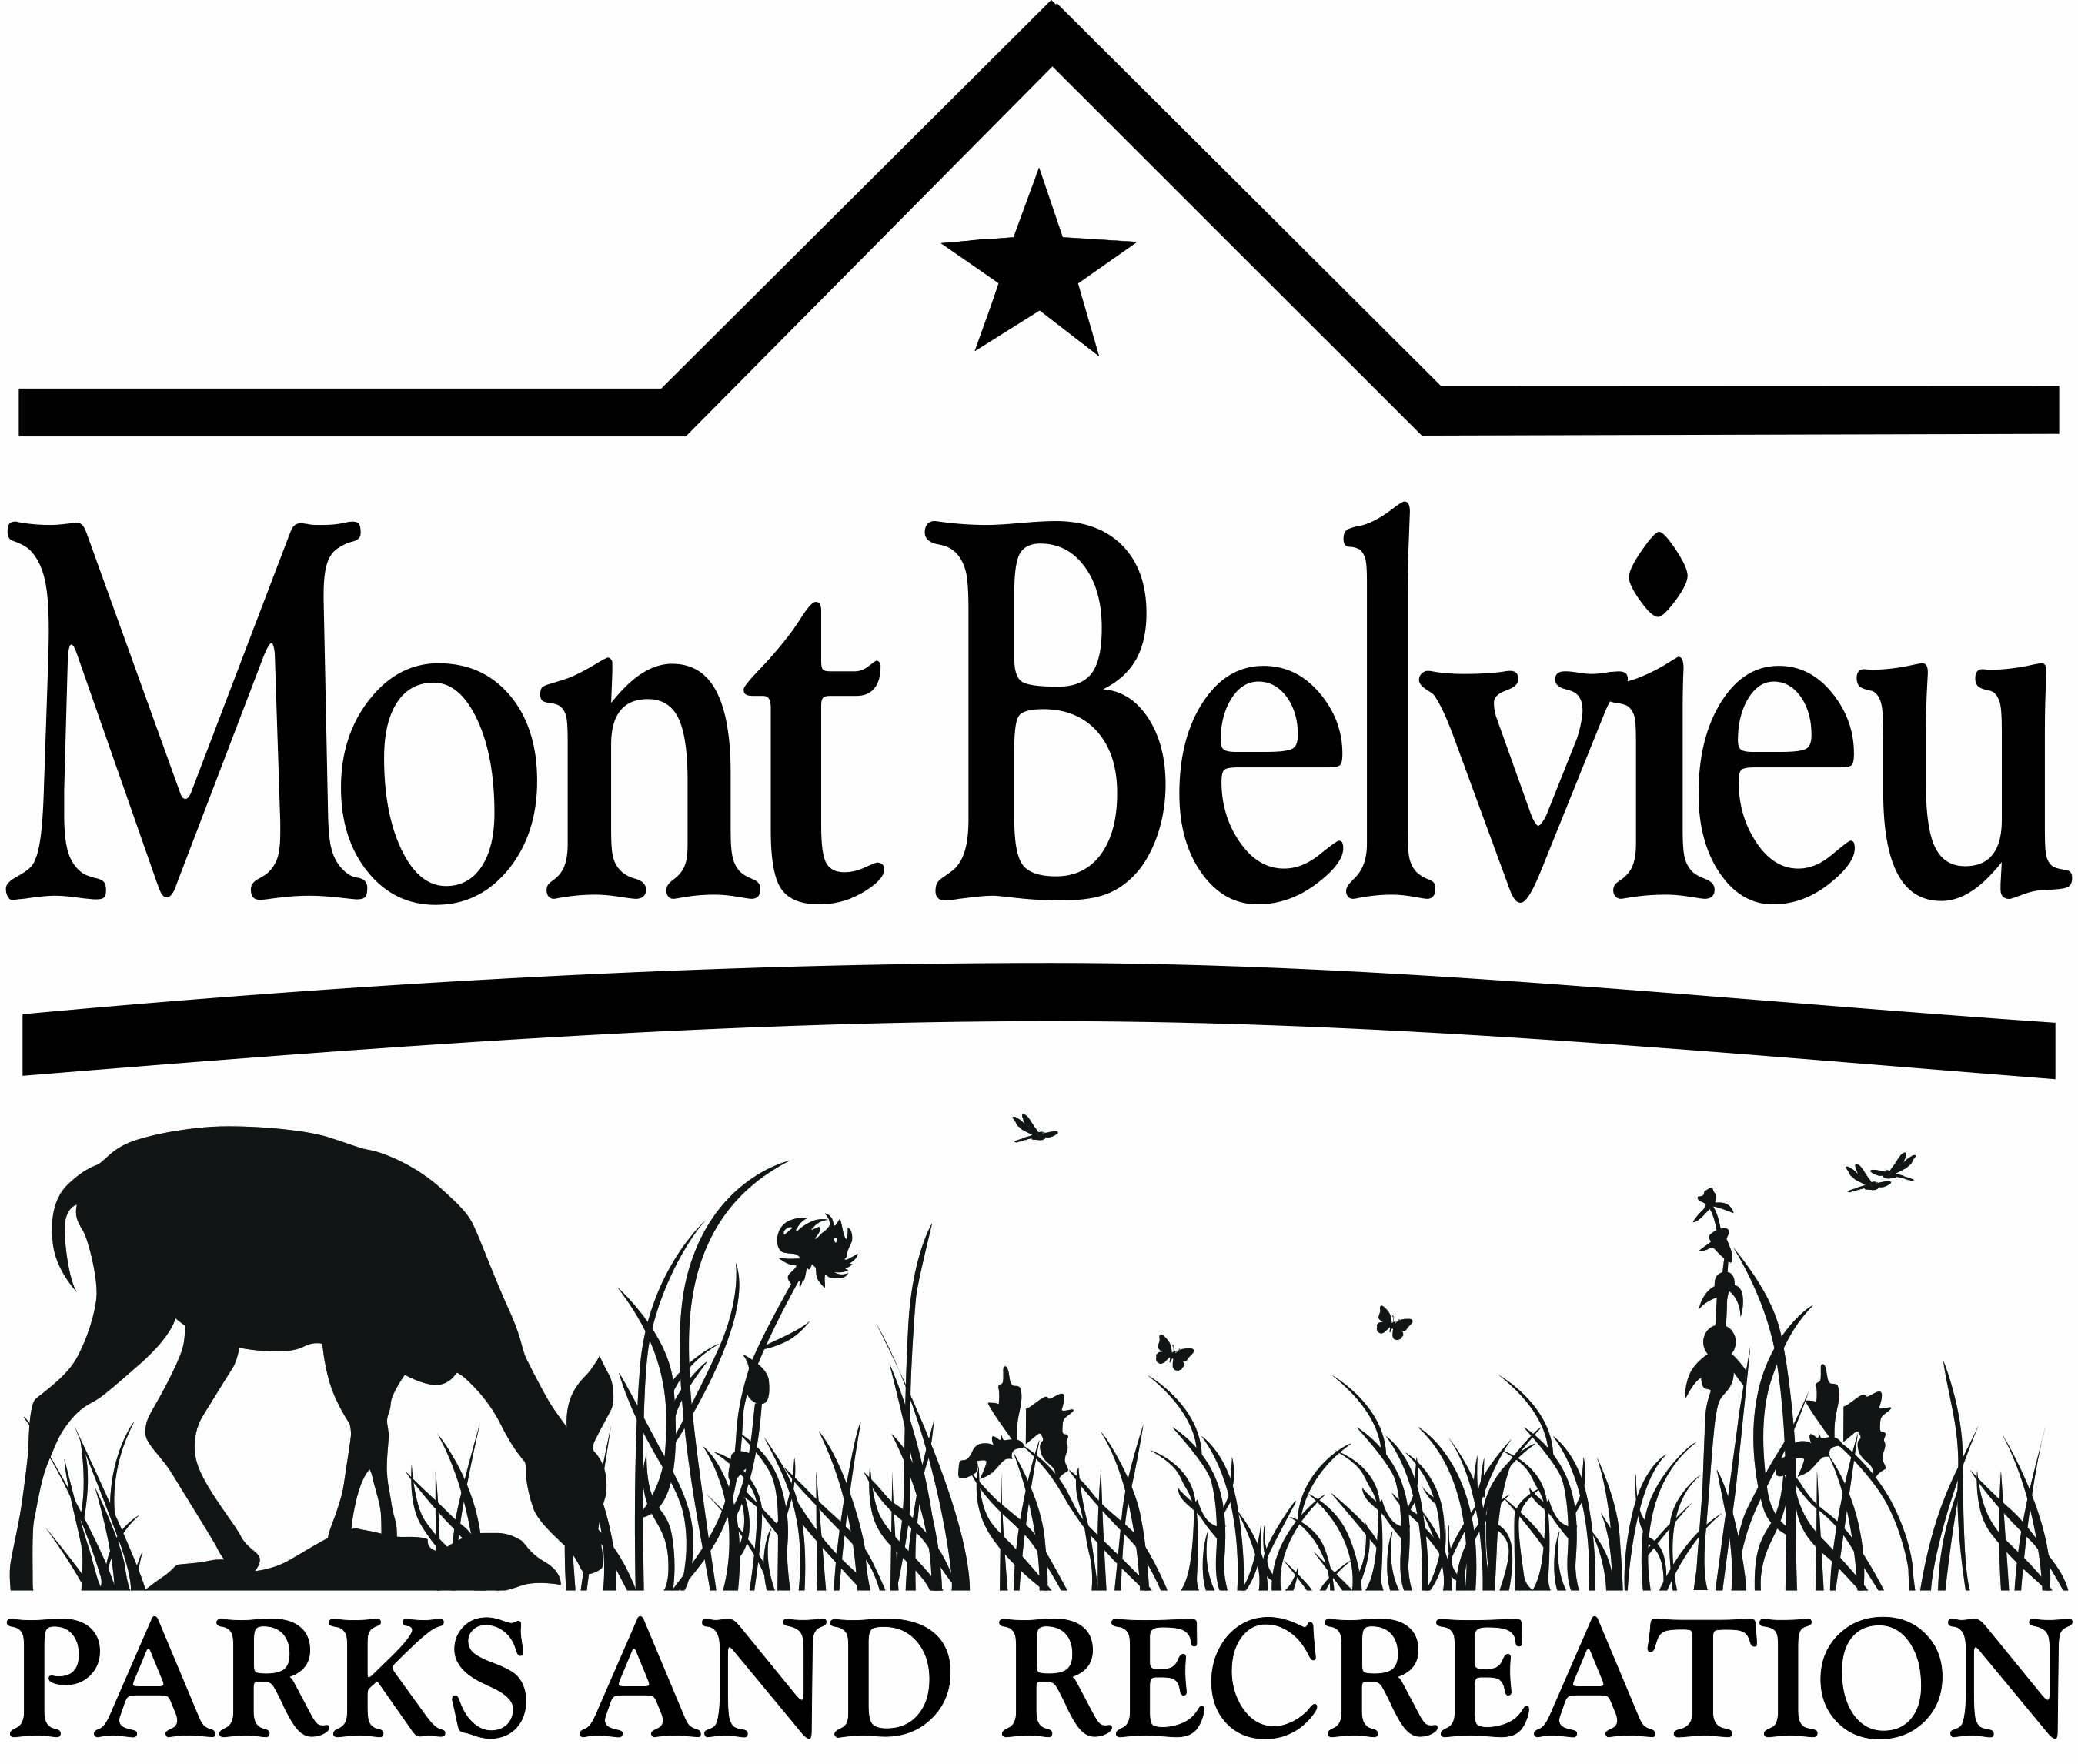 Mont Belvieu, TX - Official Website - Parks & Recreation